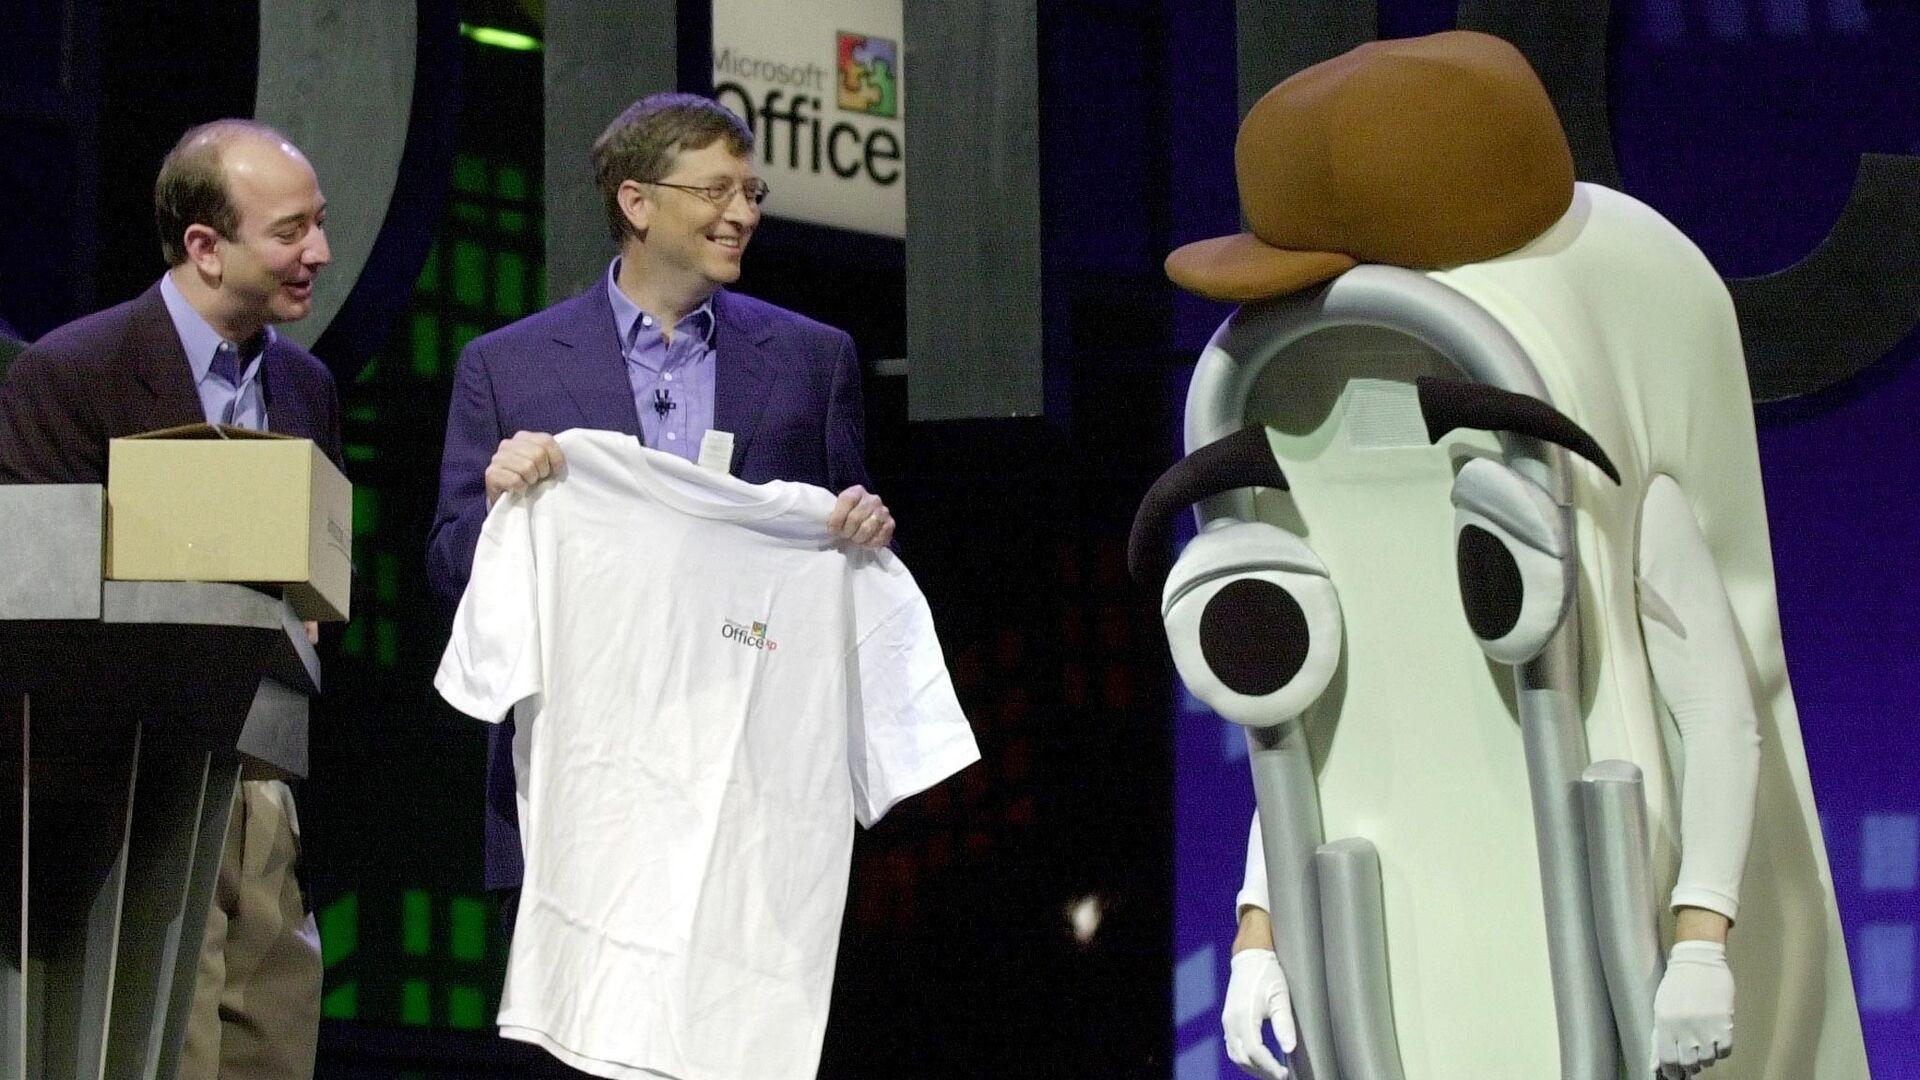 Założyciel Microsoftu, Bill Gates, wręcza koszulkę osobie ubranej w kostium spinacza do papieru-asystenta Microsoft Office spinacza do papieru. - Sputnik Polska, 1920, 16.07.2021